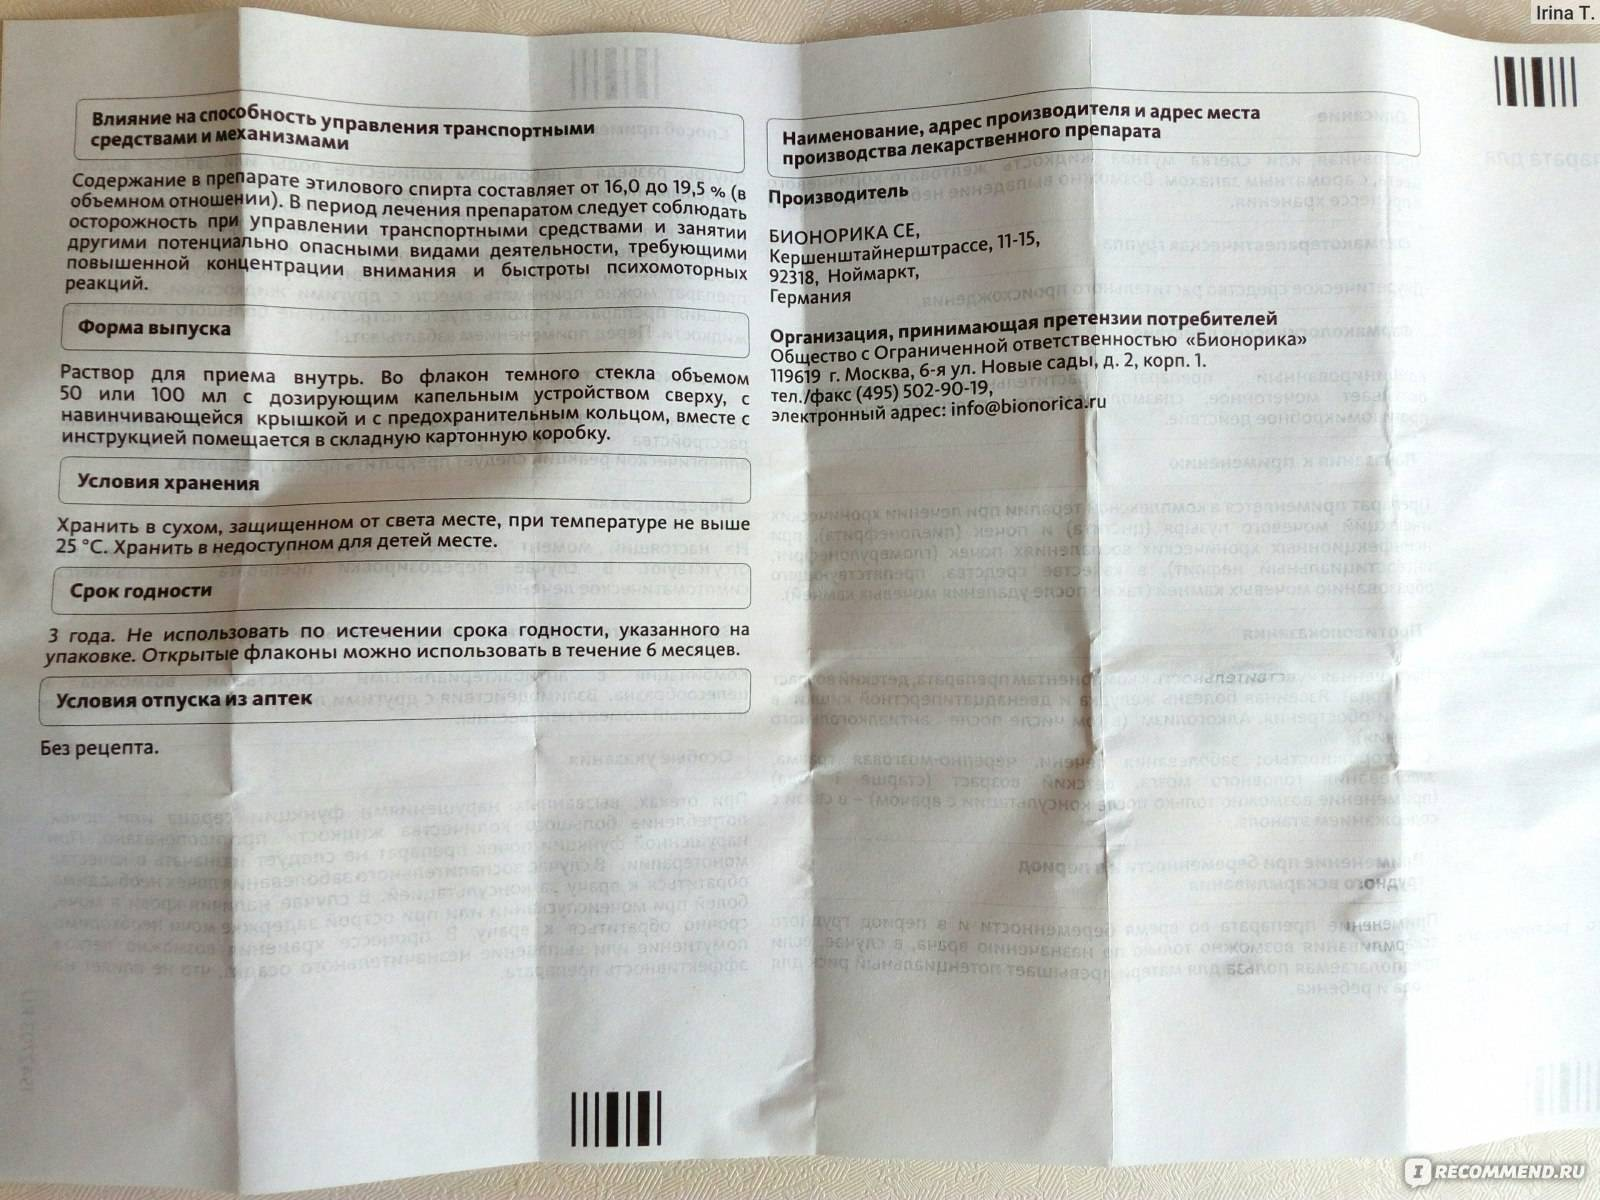 Канефрон для кошек инструкция по применению - oozoo.ru